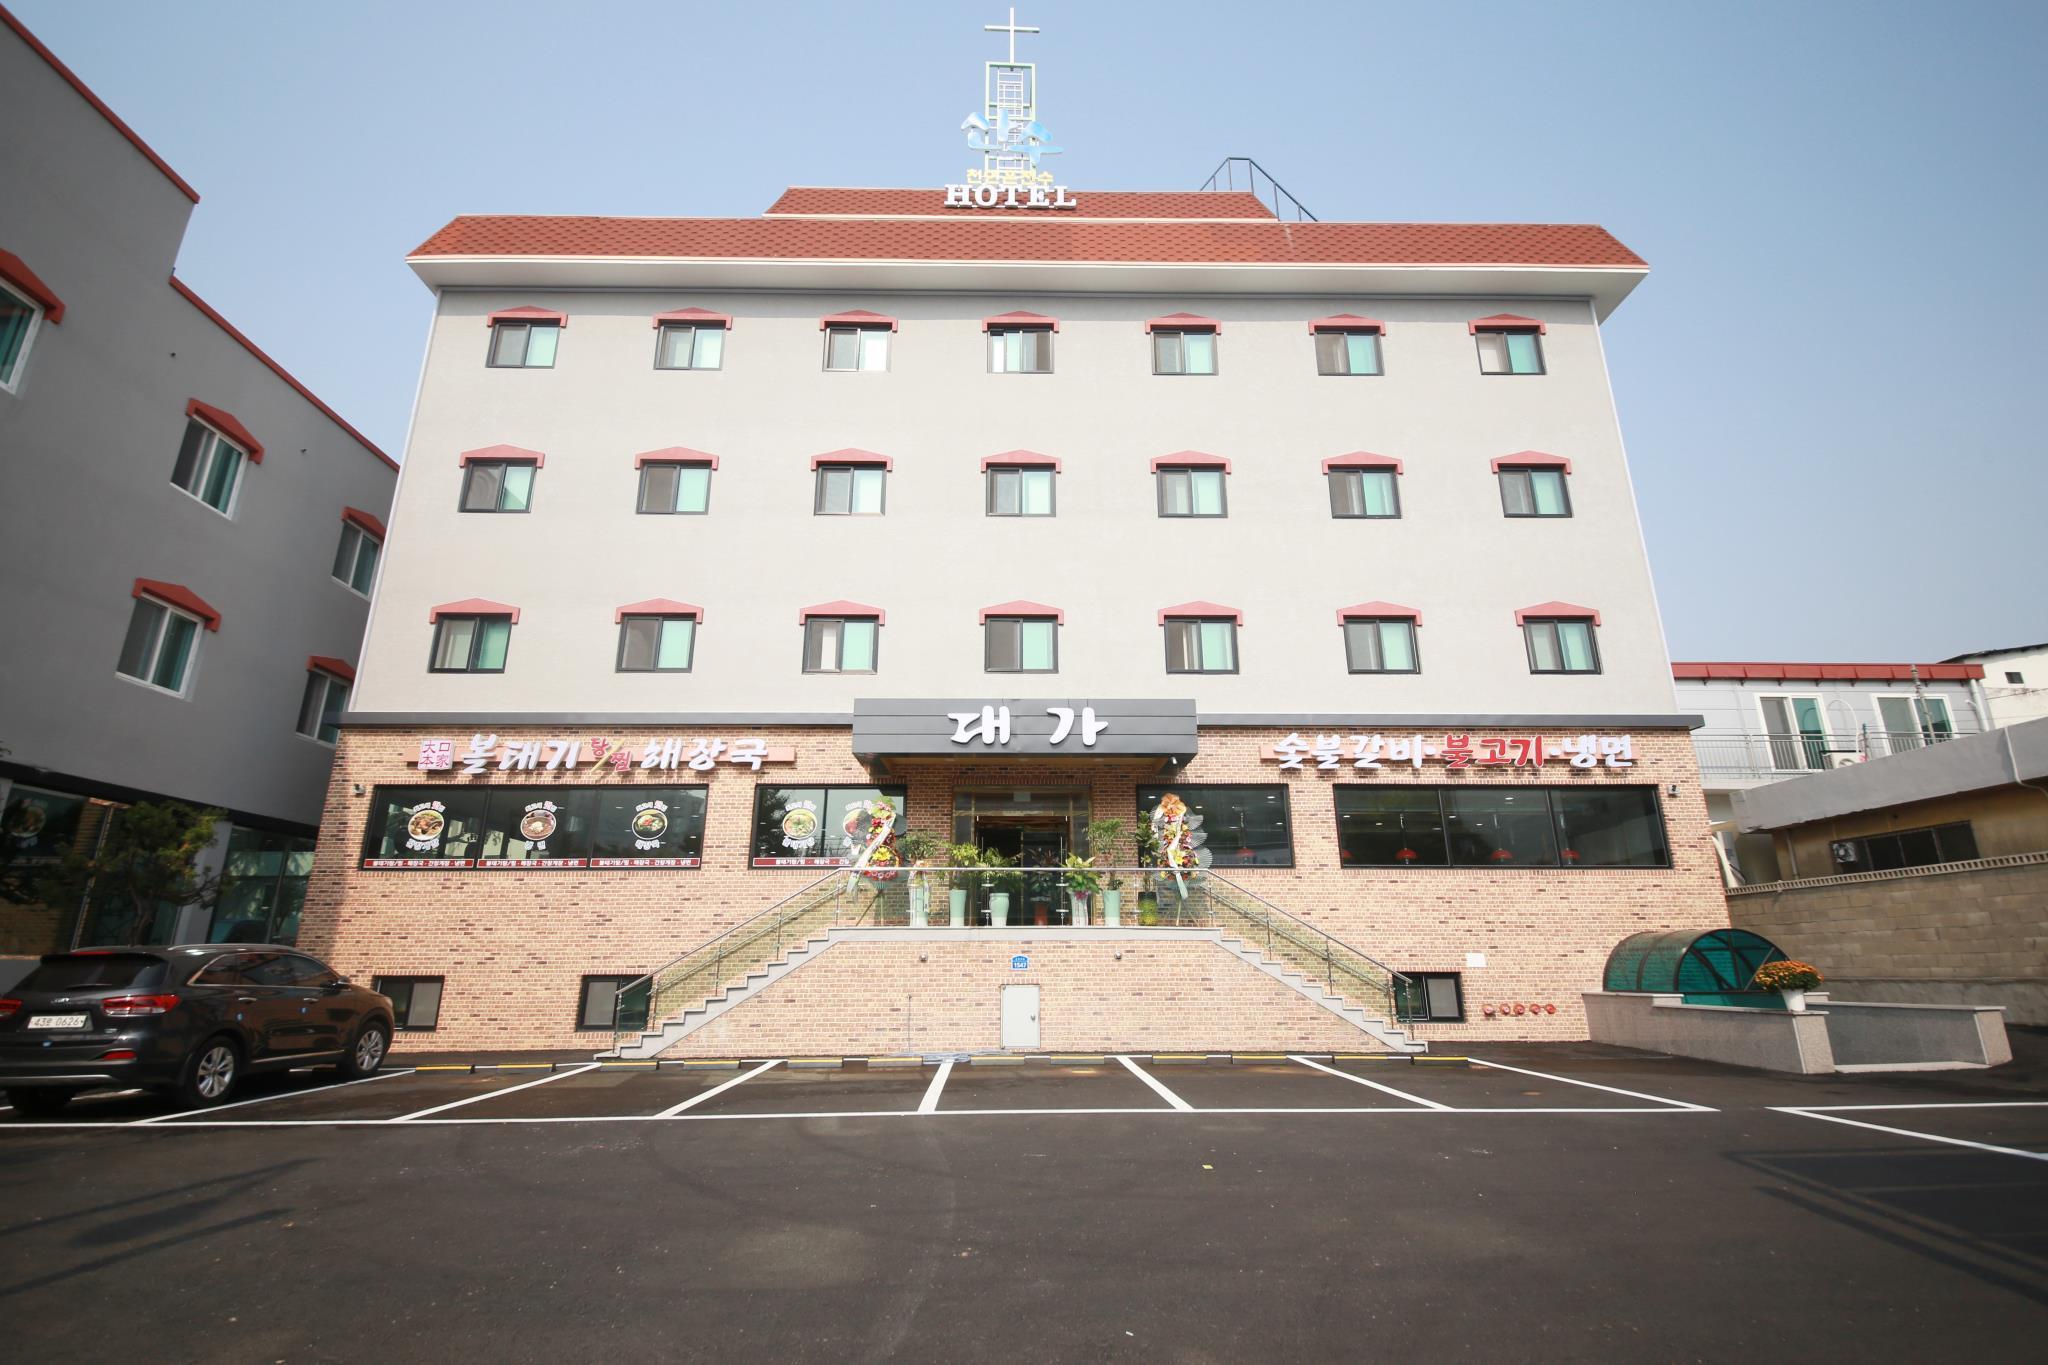 Sansu Hotel